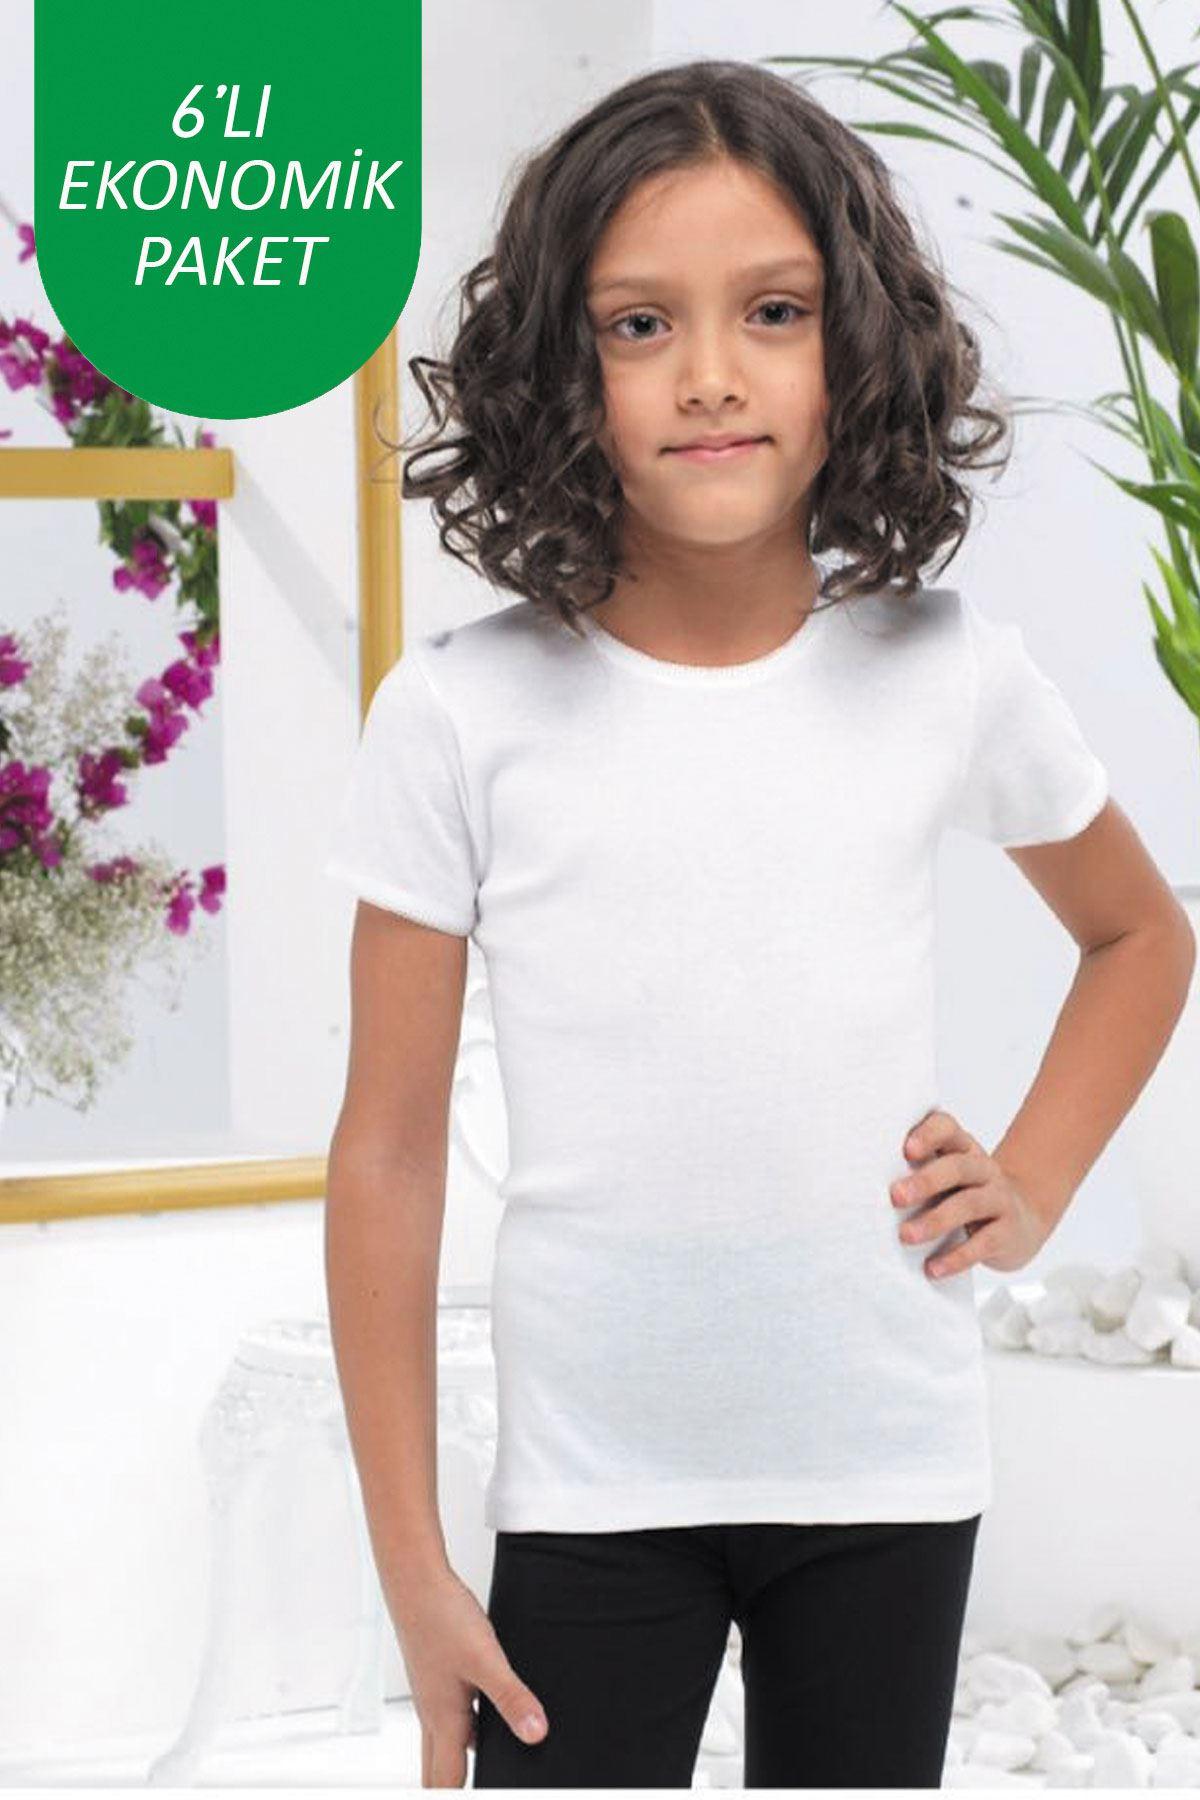 Beyaz Kız Çocuk 6 lı Ekonomik Paket E Serisi Yuvarlak Yaka Kısa Kollu Ribana Fanila Atlet 306 - E